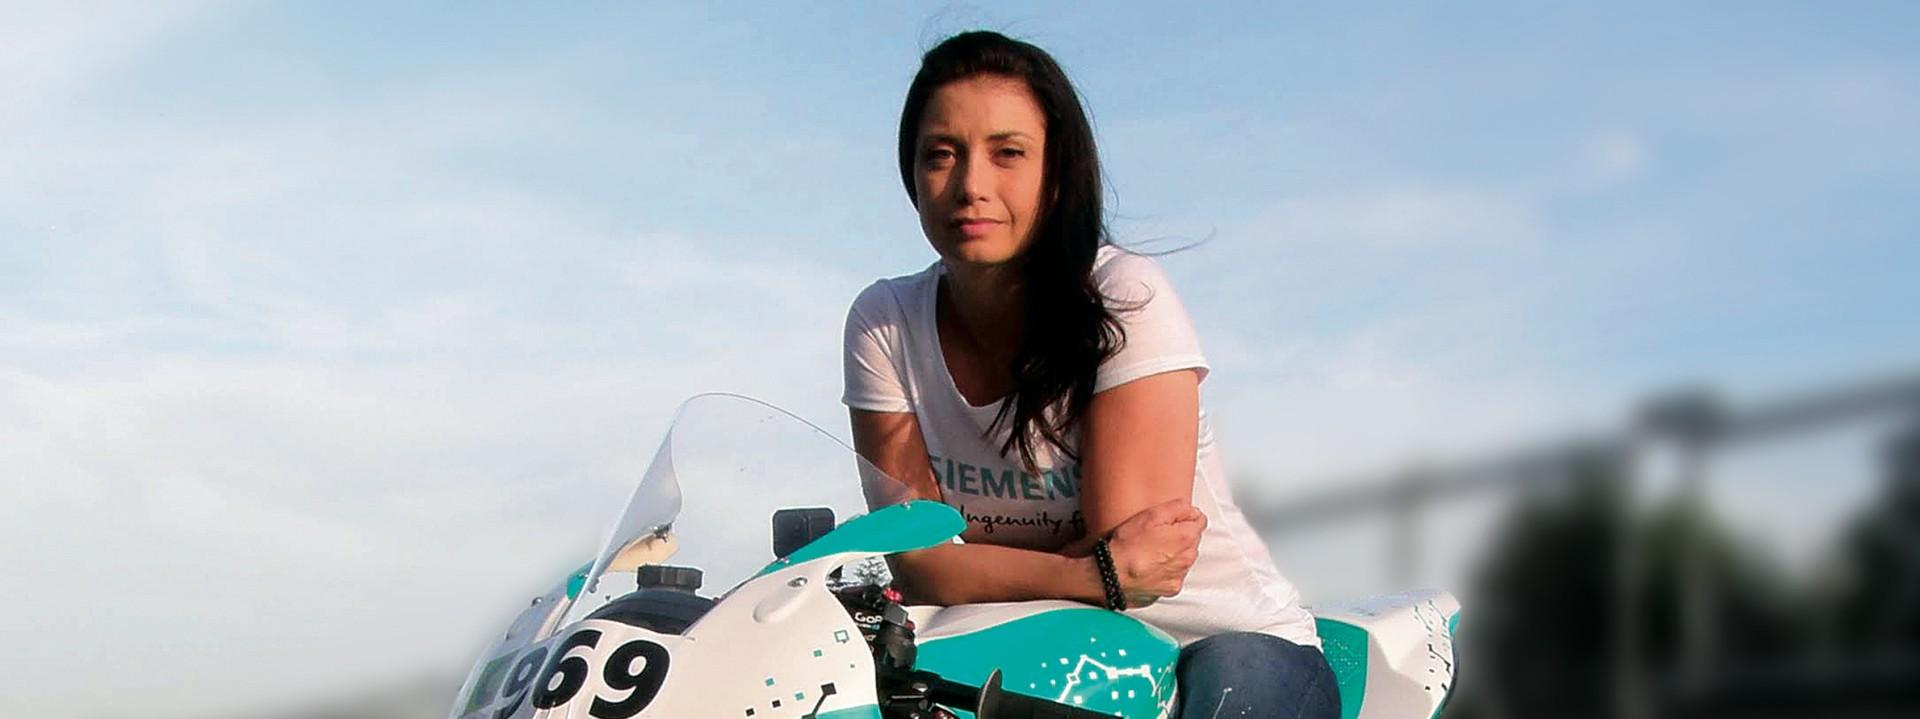 Racing motorbike with MindSphere